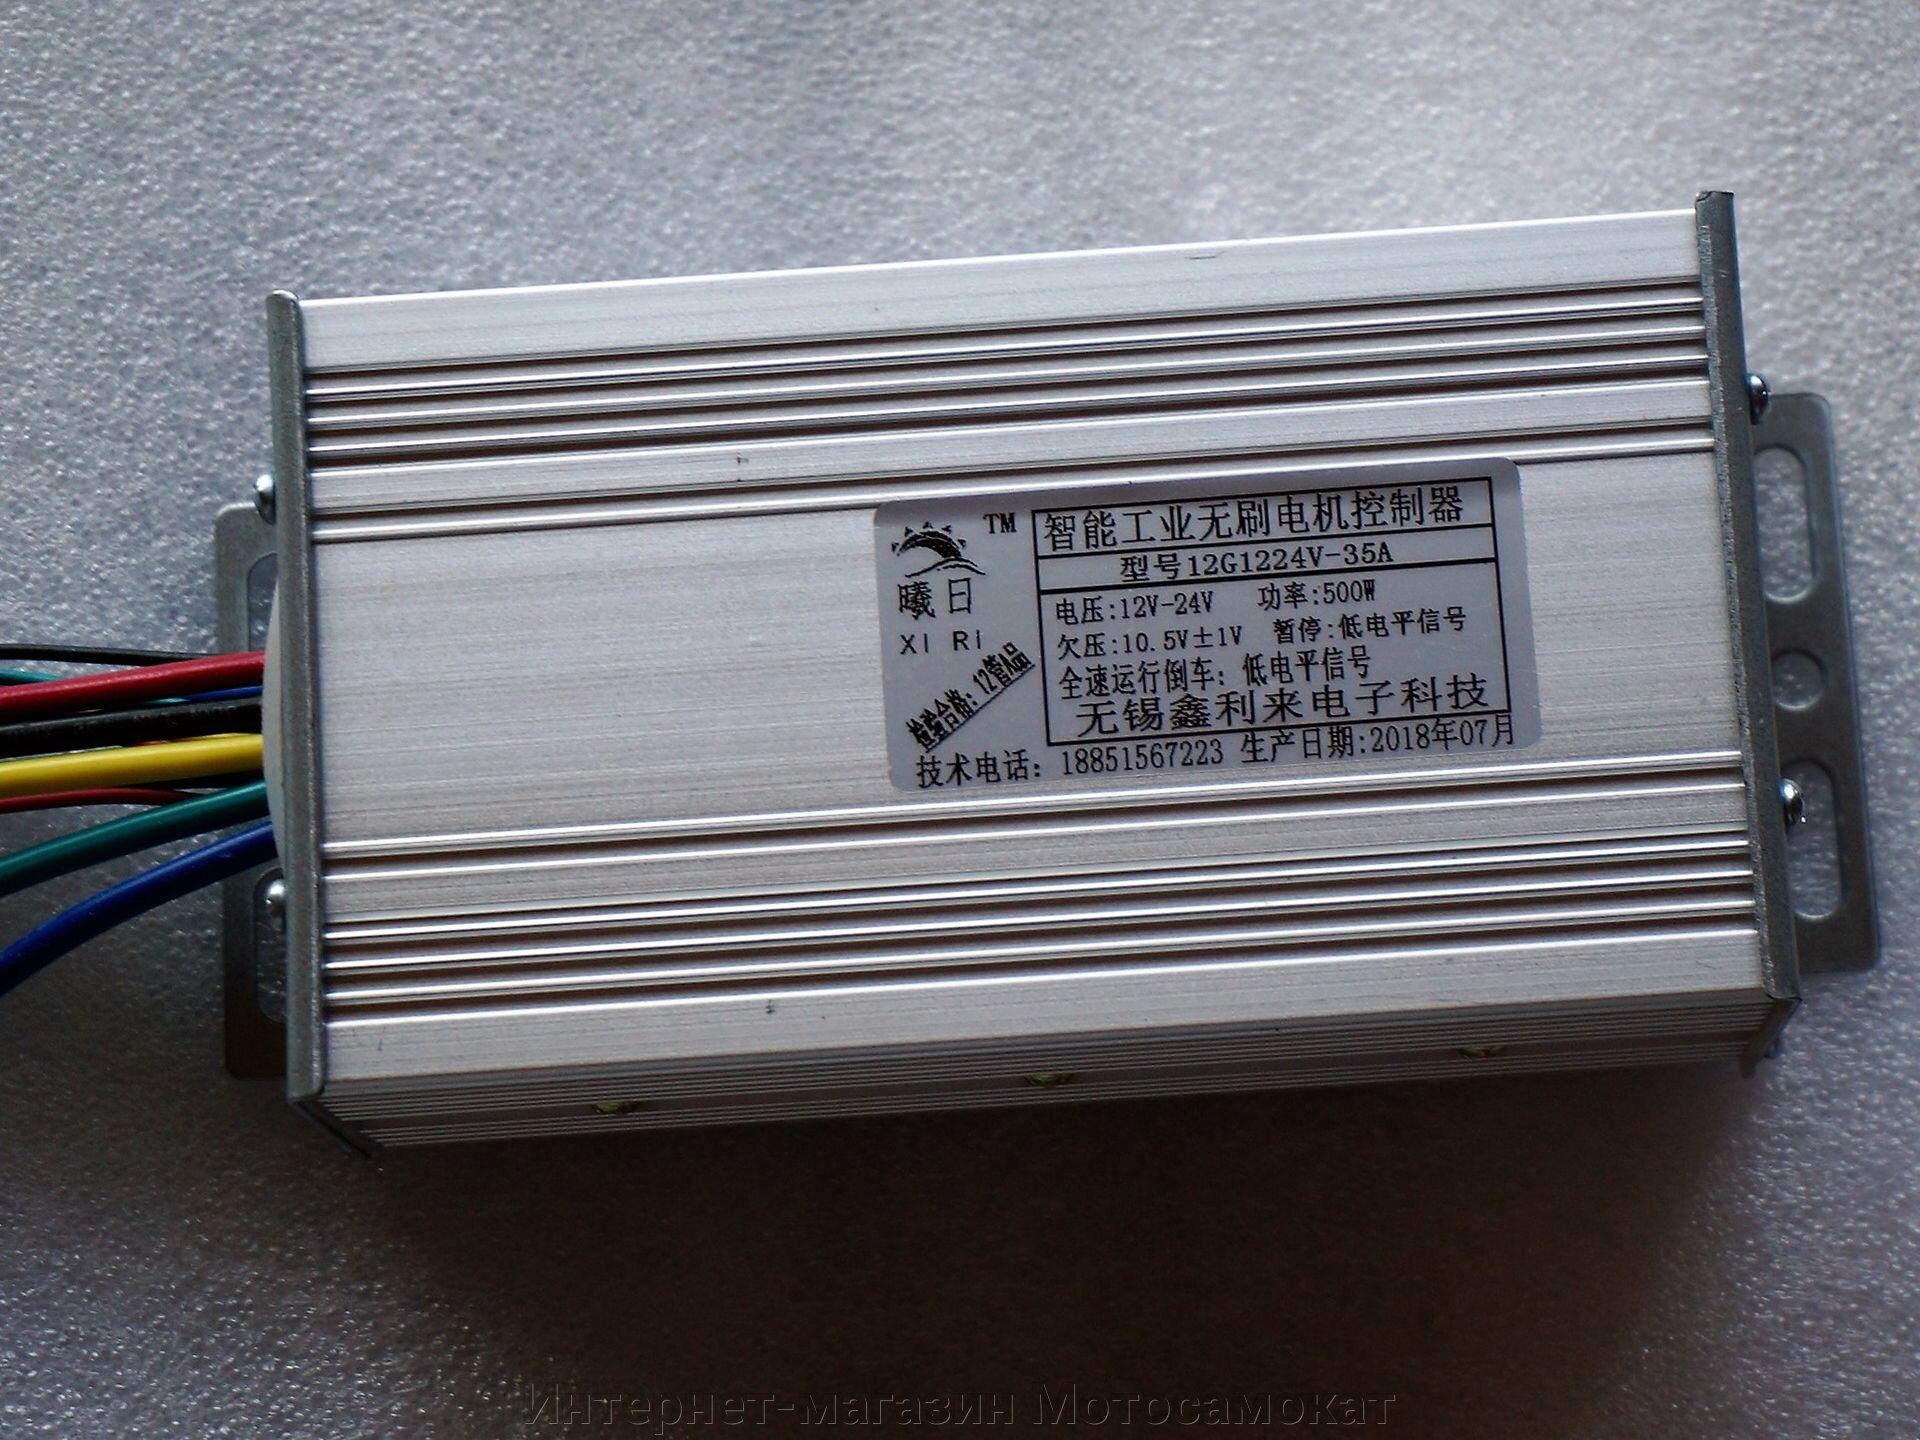 Контроллер 12-24 V (35A) для бесколлекторного BLDC электромотора, с реверсом. - фото Контроллер 12-24 V (35A) для бесколлекторного BLDC электромотора, с реверсом.